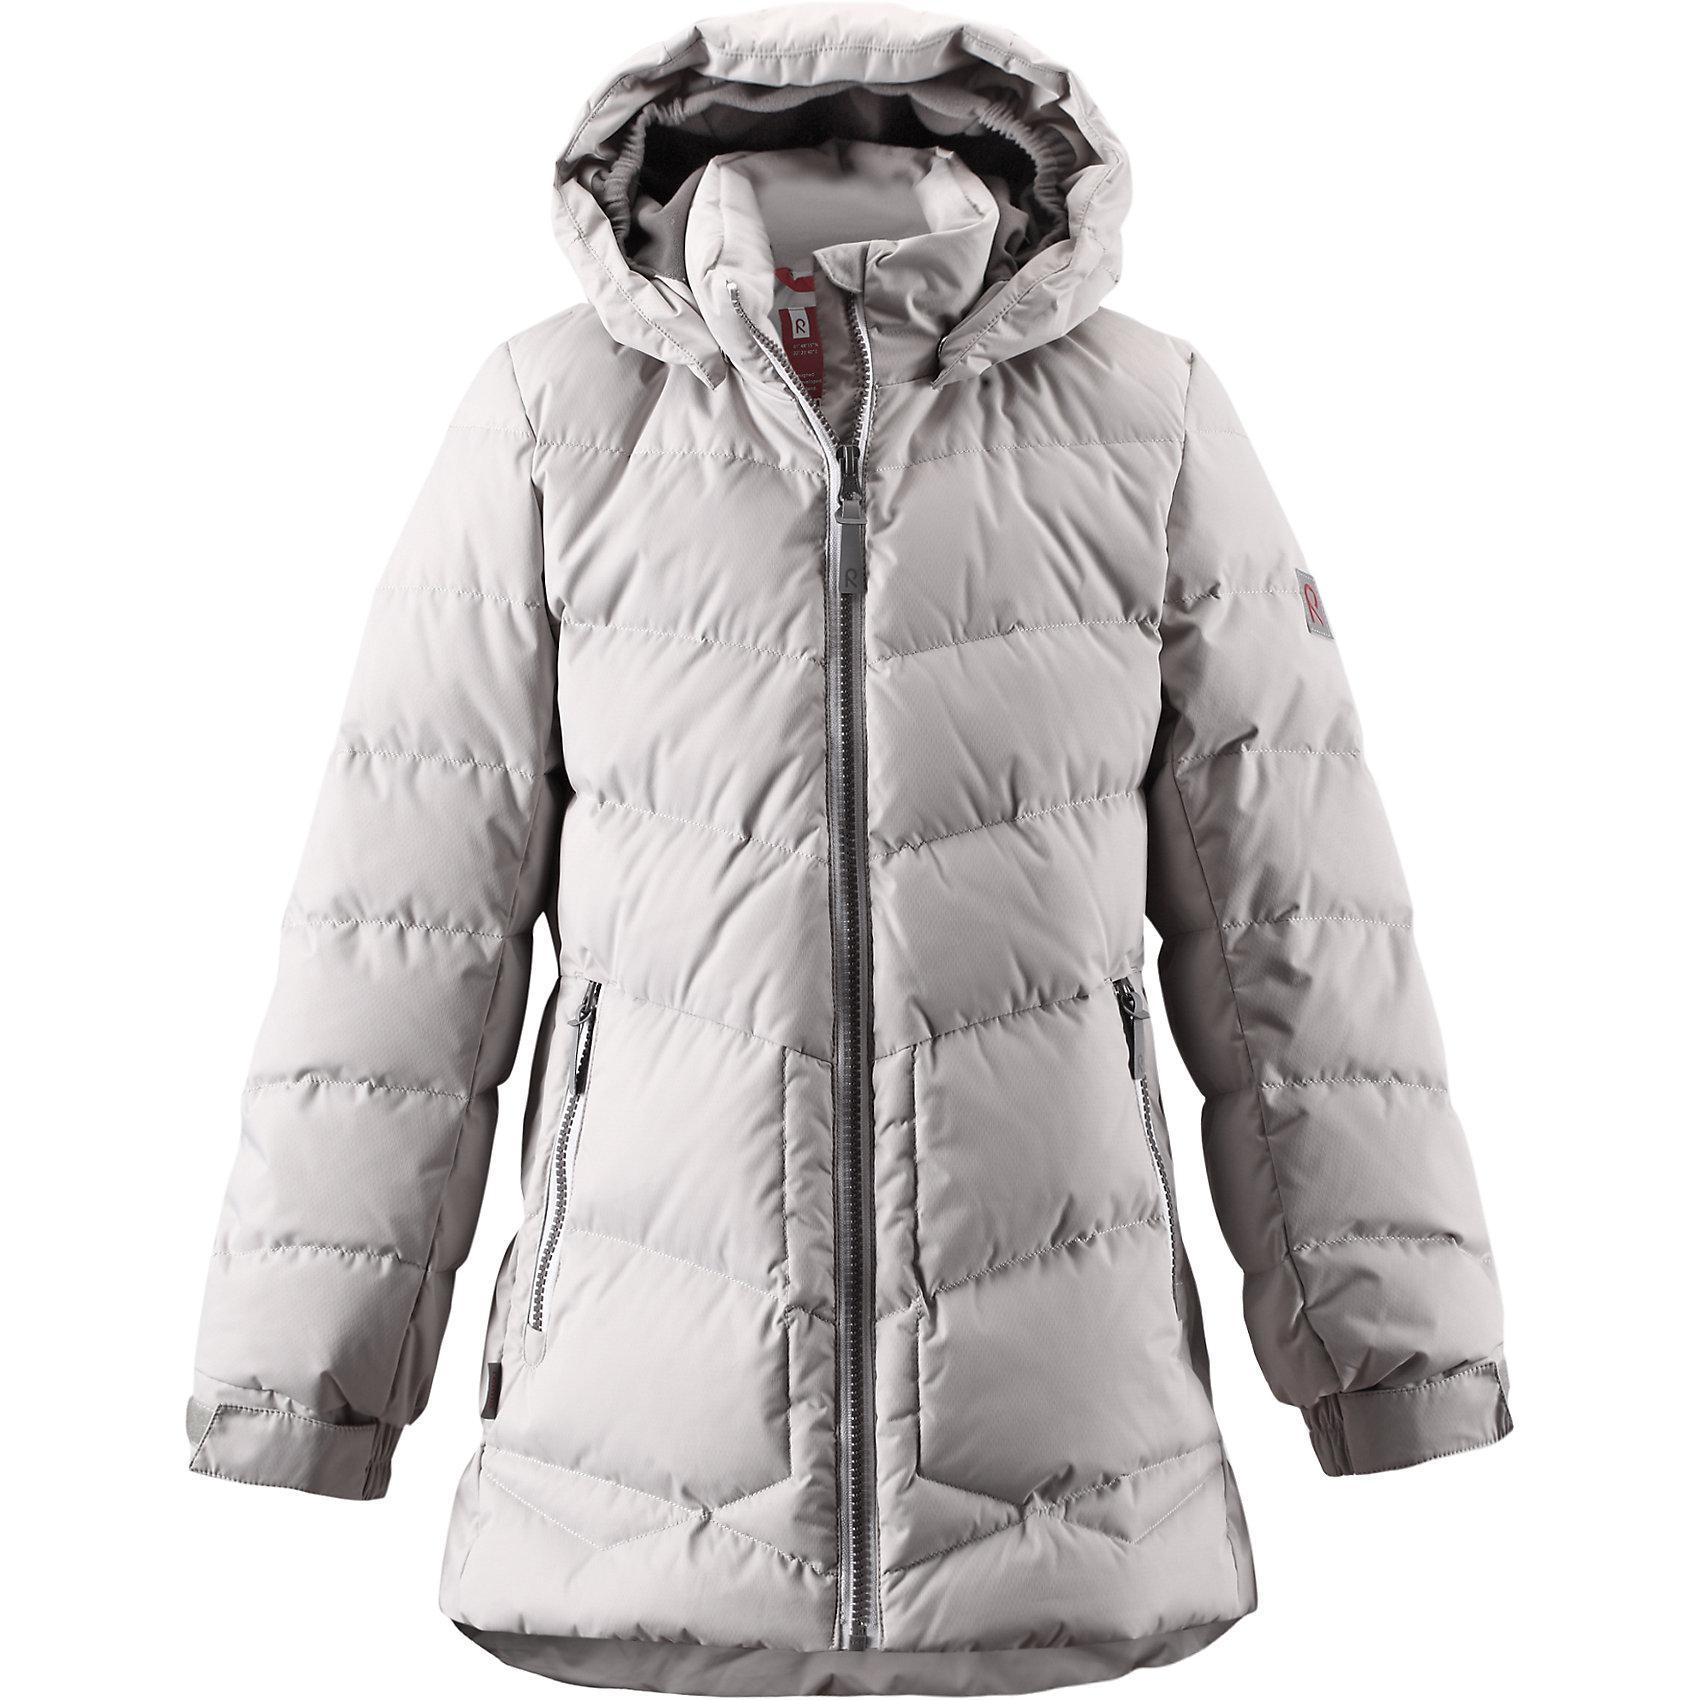 Куртка Likka для девочки ReimaОдежда<br>Куртка для девочки Reima<br>Пуховая куртка для подростков. Водоотталкивающий, ветронепроницаемый, «дышащий» и грязеотталкивающий материал. Крой для девочек. Гладкая подкладка из полиэстра. В качестве утеплителя использованы пух и перо (60%/40%). Безопасный, съемный капюшон. Регулируемый манжет на липучке. Эластичная талия. Два кармана на молнии. Безопасные светоотражающие детали. Петля для дополнительных светоотражающих деталей.<br>Уход:<br>Стирать по отдельности, вывернув наизнанку. Застегнуть молнии и липучки. Стирать моющим средством, не содержащим отбеливающие вещества. Полоскать без специального средства. Во избежание изменения цвета изделие необходимо вынуть из стиральной машинки незамедлительно после окончания программы стирки. Барабанное сушение при низкой температуре с 3 теннисными мячиками. Выверните изделие наизнанку в середине сушки.<br>Состав:<br>100% Полиамид, полиуретановое покрытие<br><br>Ширина мм: 356<br>Глубина мм: 10<br>Высота мм: 245<br>Вес г: 519<br>Цвет: серый<br>Возраст от месяцев: 60<br>Возраст до месяцев: 72<br>Пол: Женский<br>Возраст: Детский<br>Размер: 122,140,164,116,146,152,134,128,104,110,158<br>SKU: 4778351